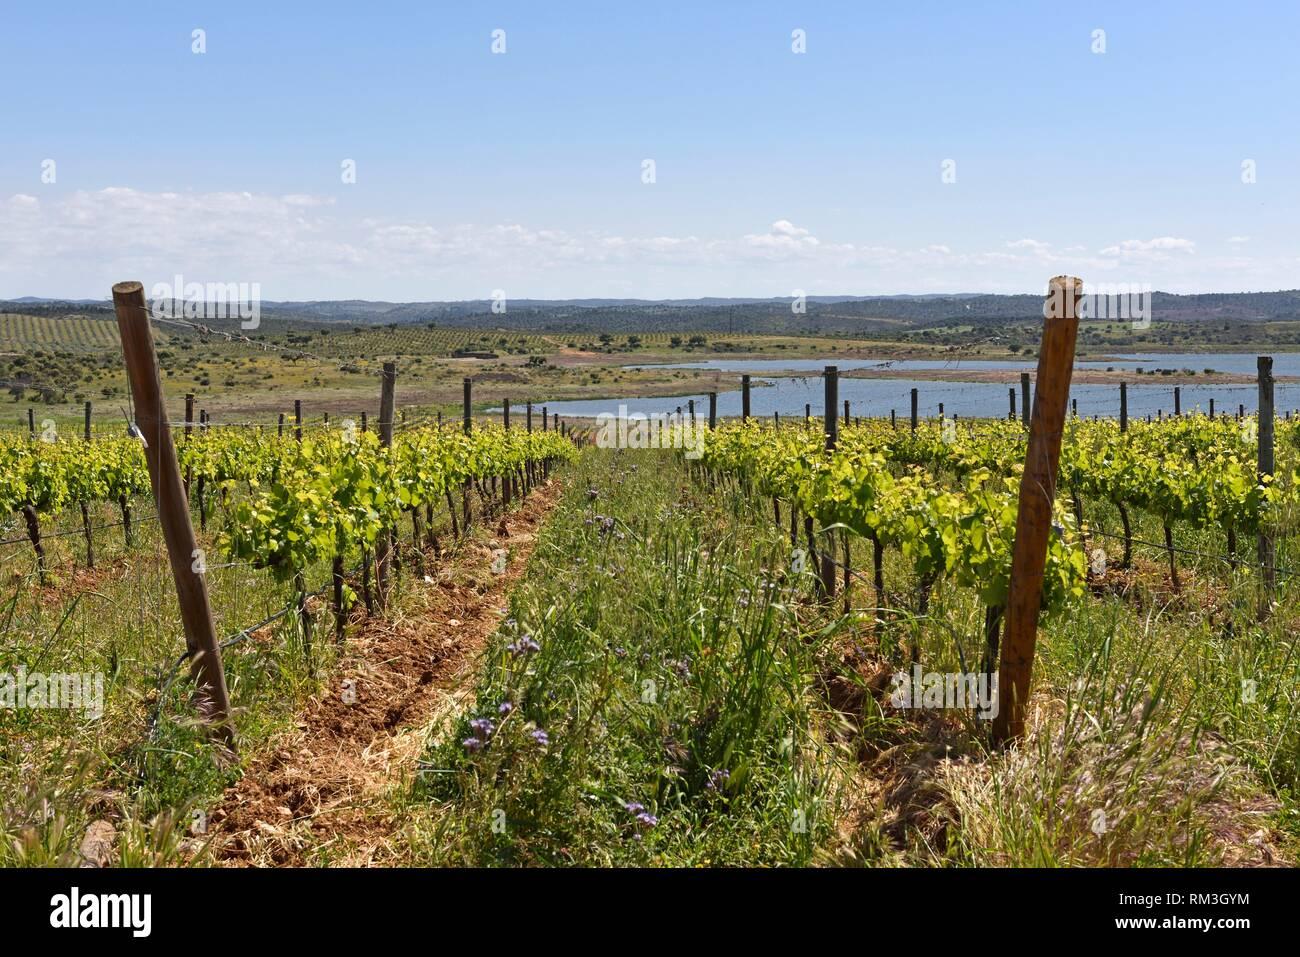 vineyards of Herdade do Esporao, Restaurant and Wine Estate, Reguengos de Monsaraz, Alentejo region, Portugal, southwertern Europe. Stock Photo